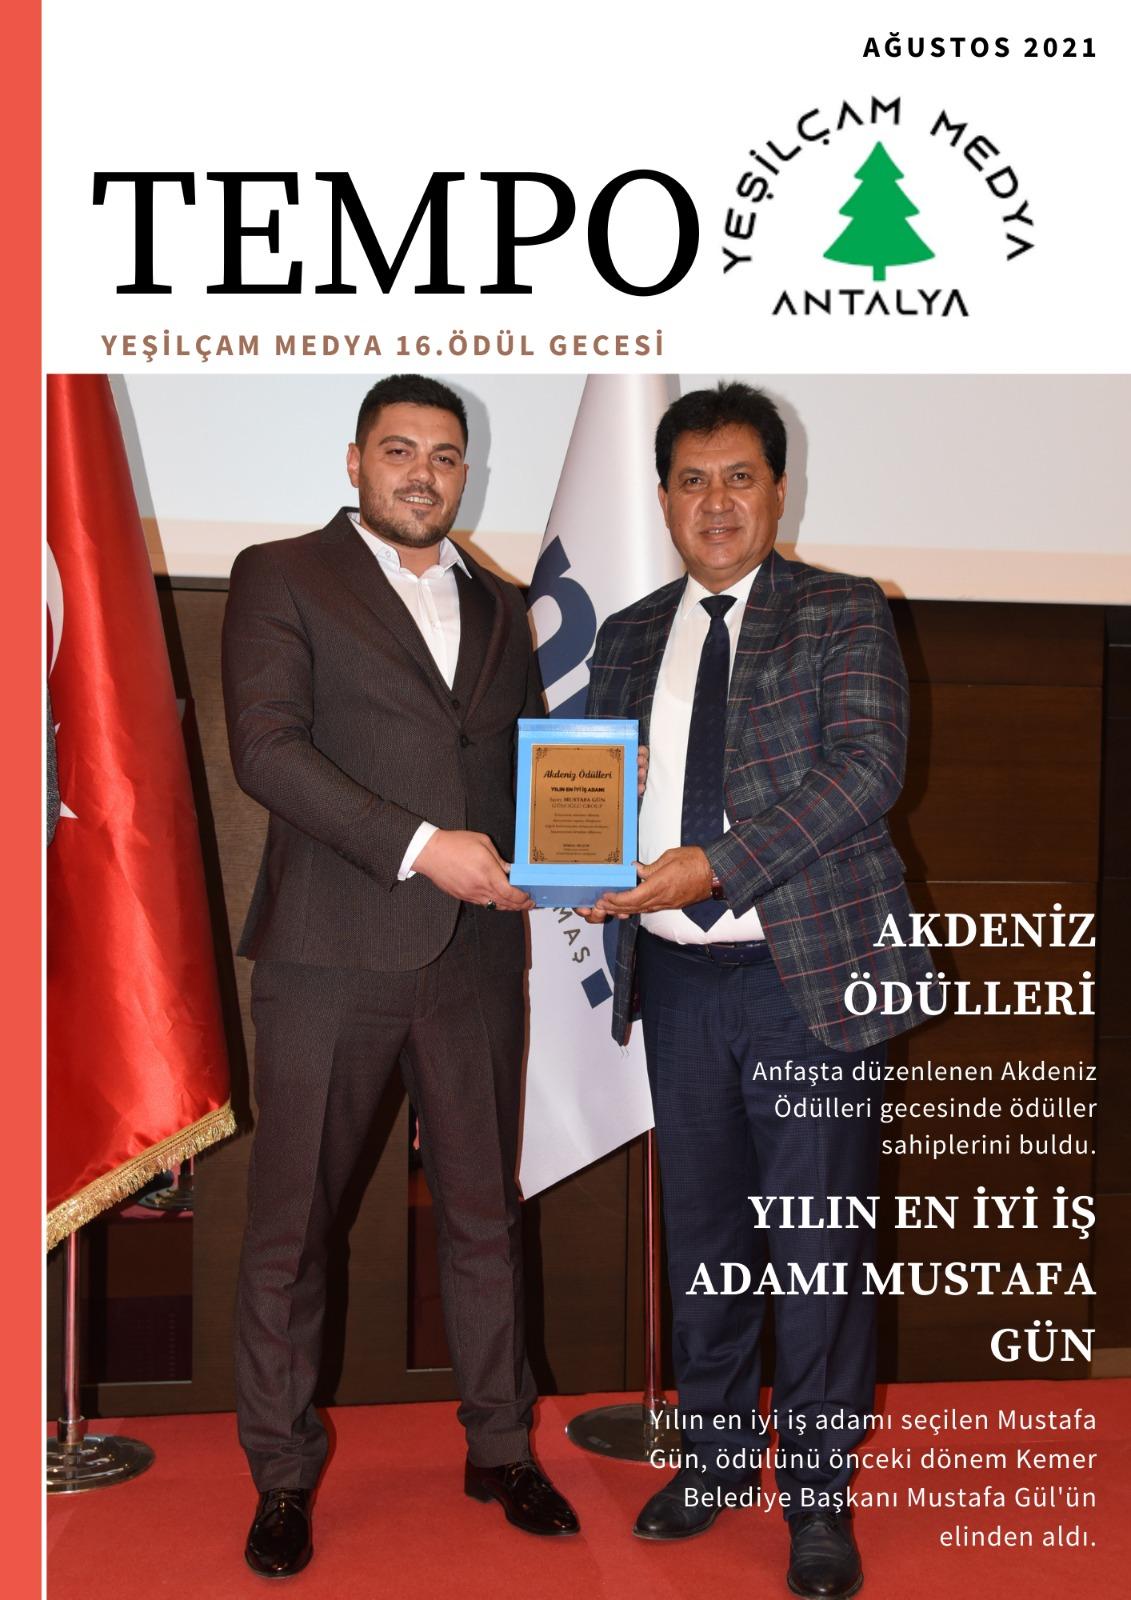 Akdeniz Ödülleri Gecesinde Yılın En İyi İş Adamı Ödülü Mustafa Gün'e Verildi